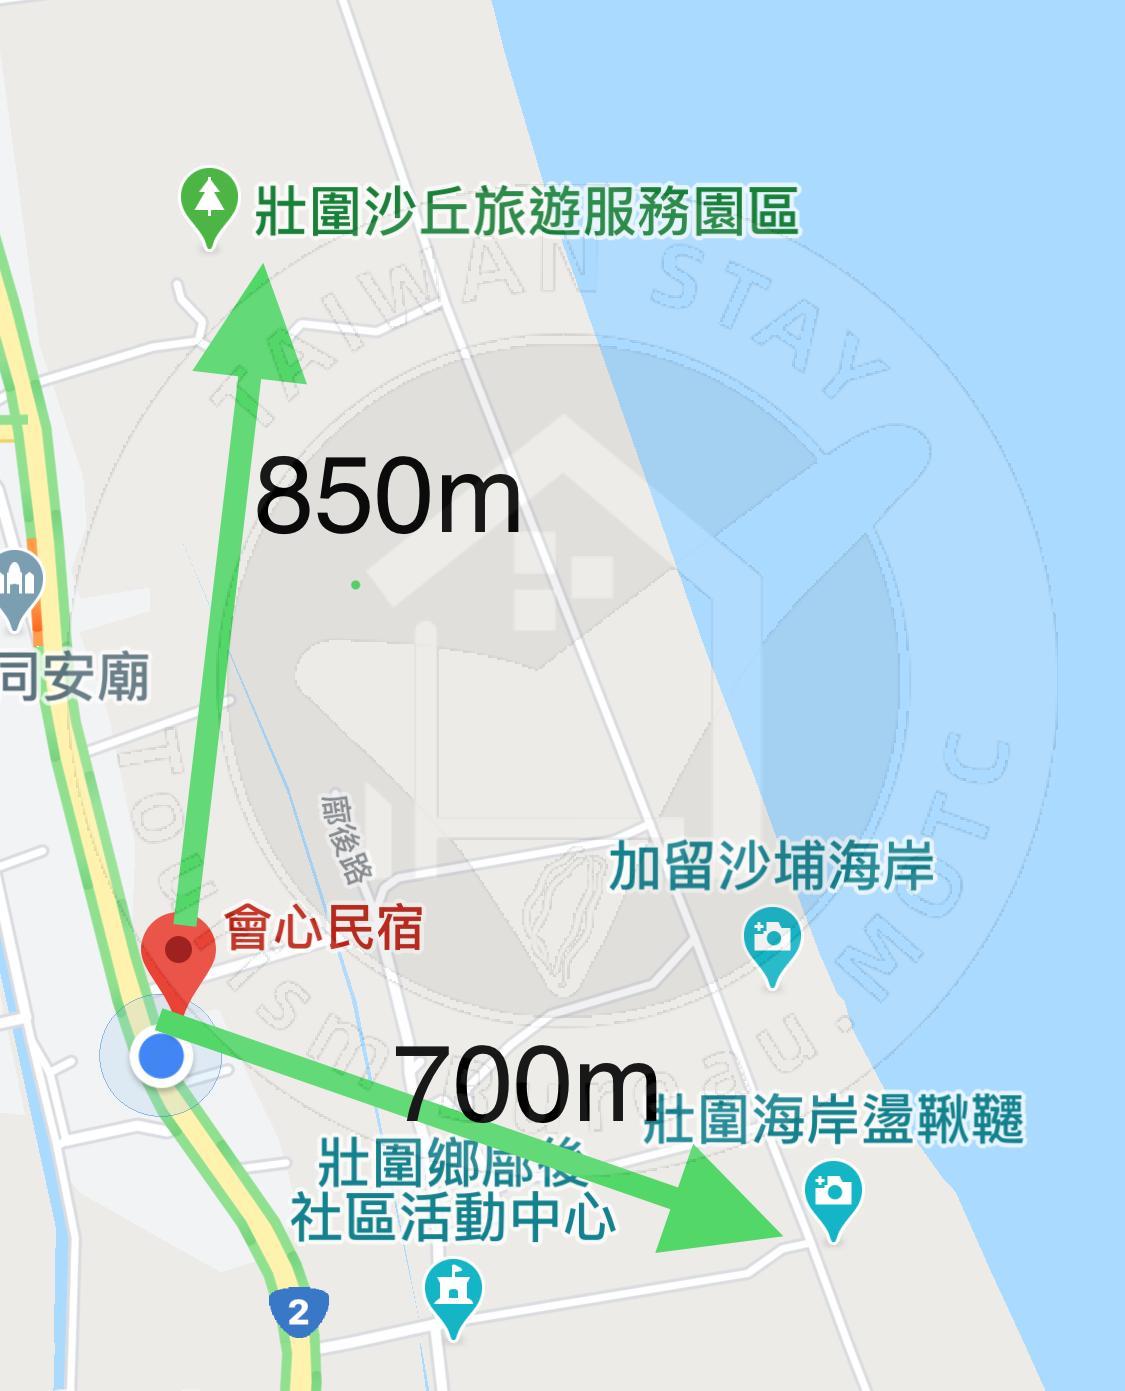 フイシンホームステイ(會心民宿)